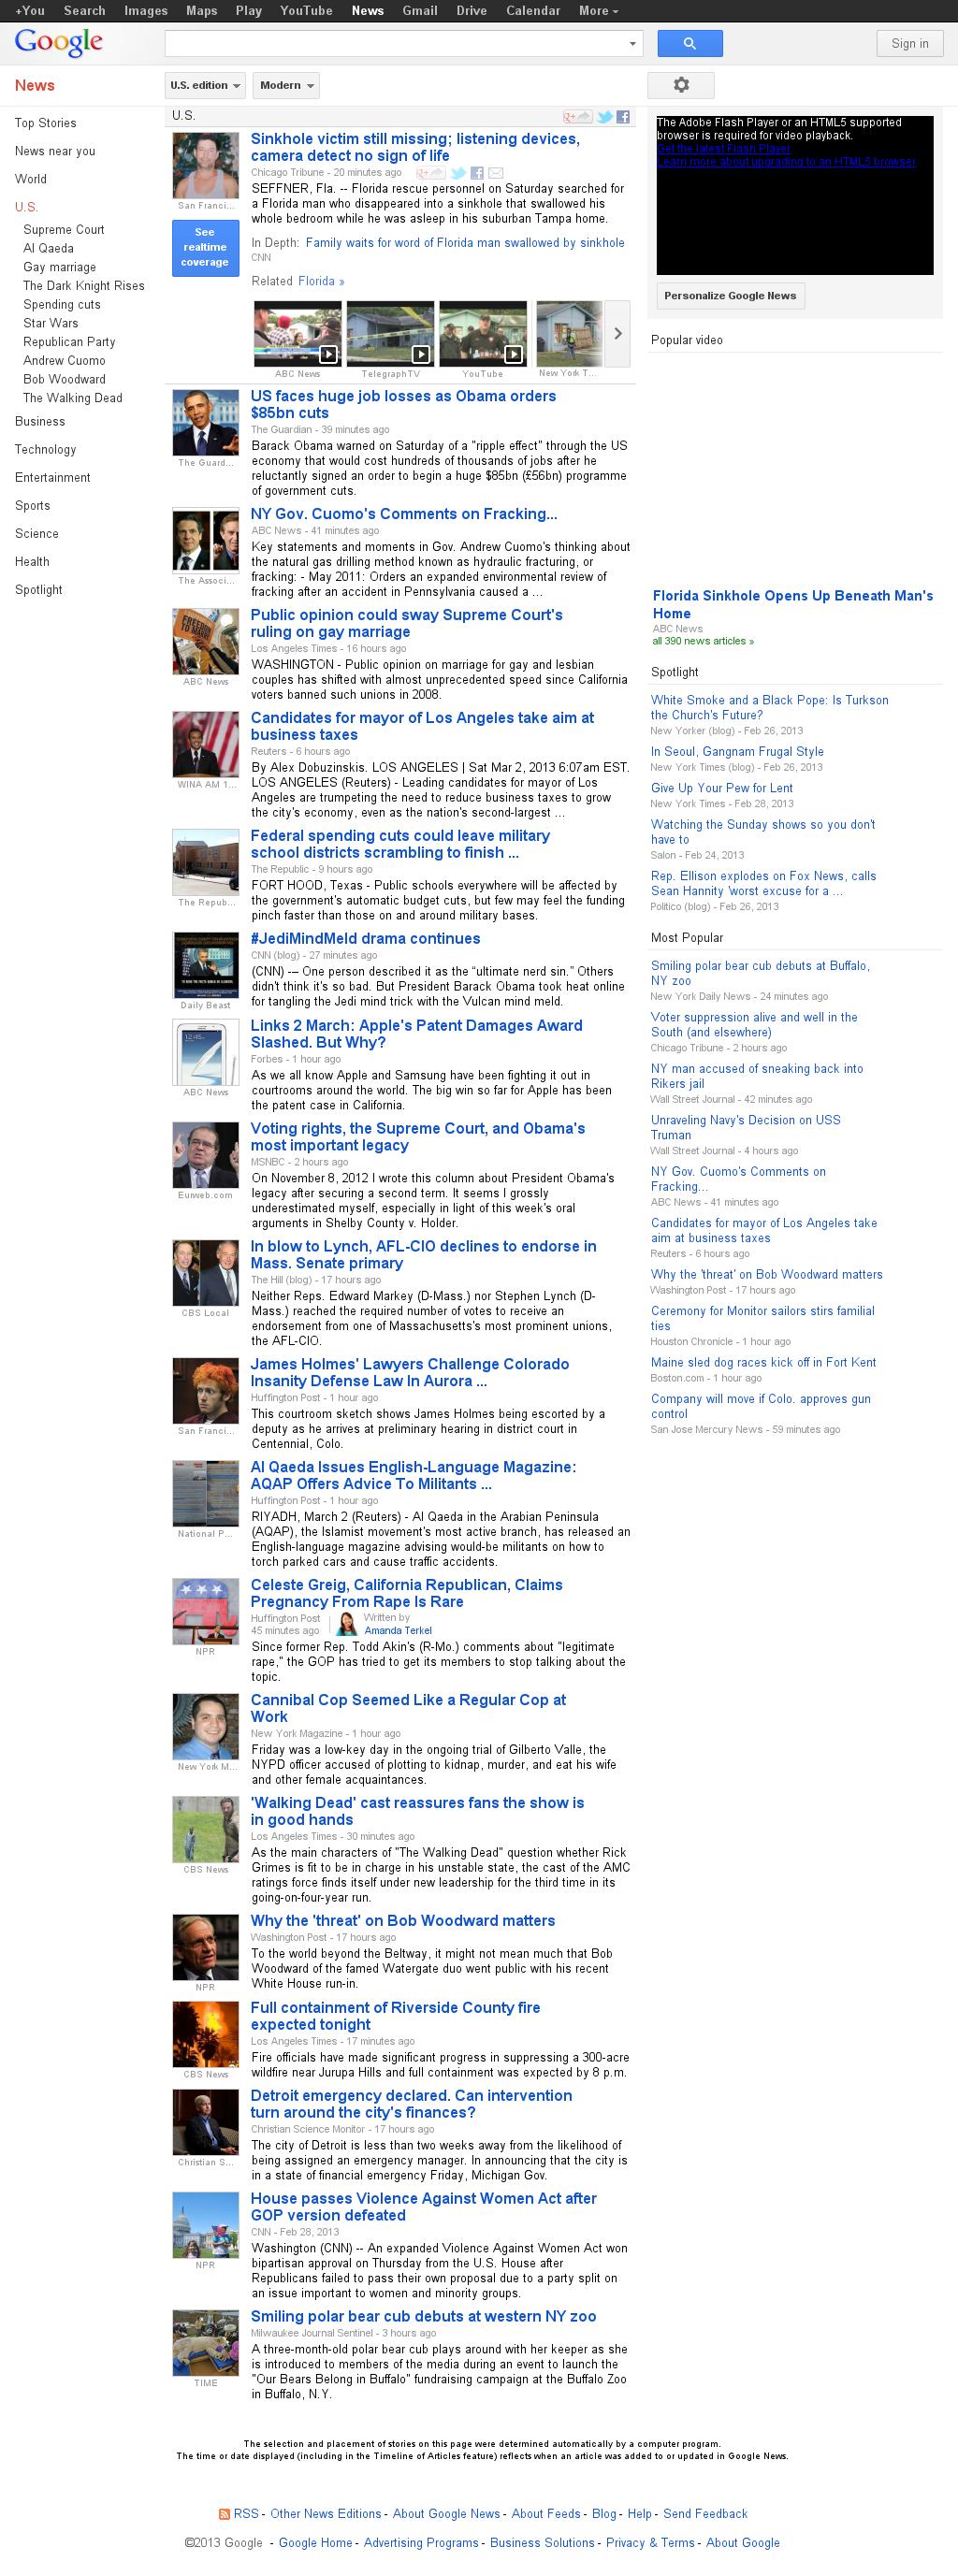 Google News: U.S. at Saturday March 2, 2013, 6:08 p.m. UTC